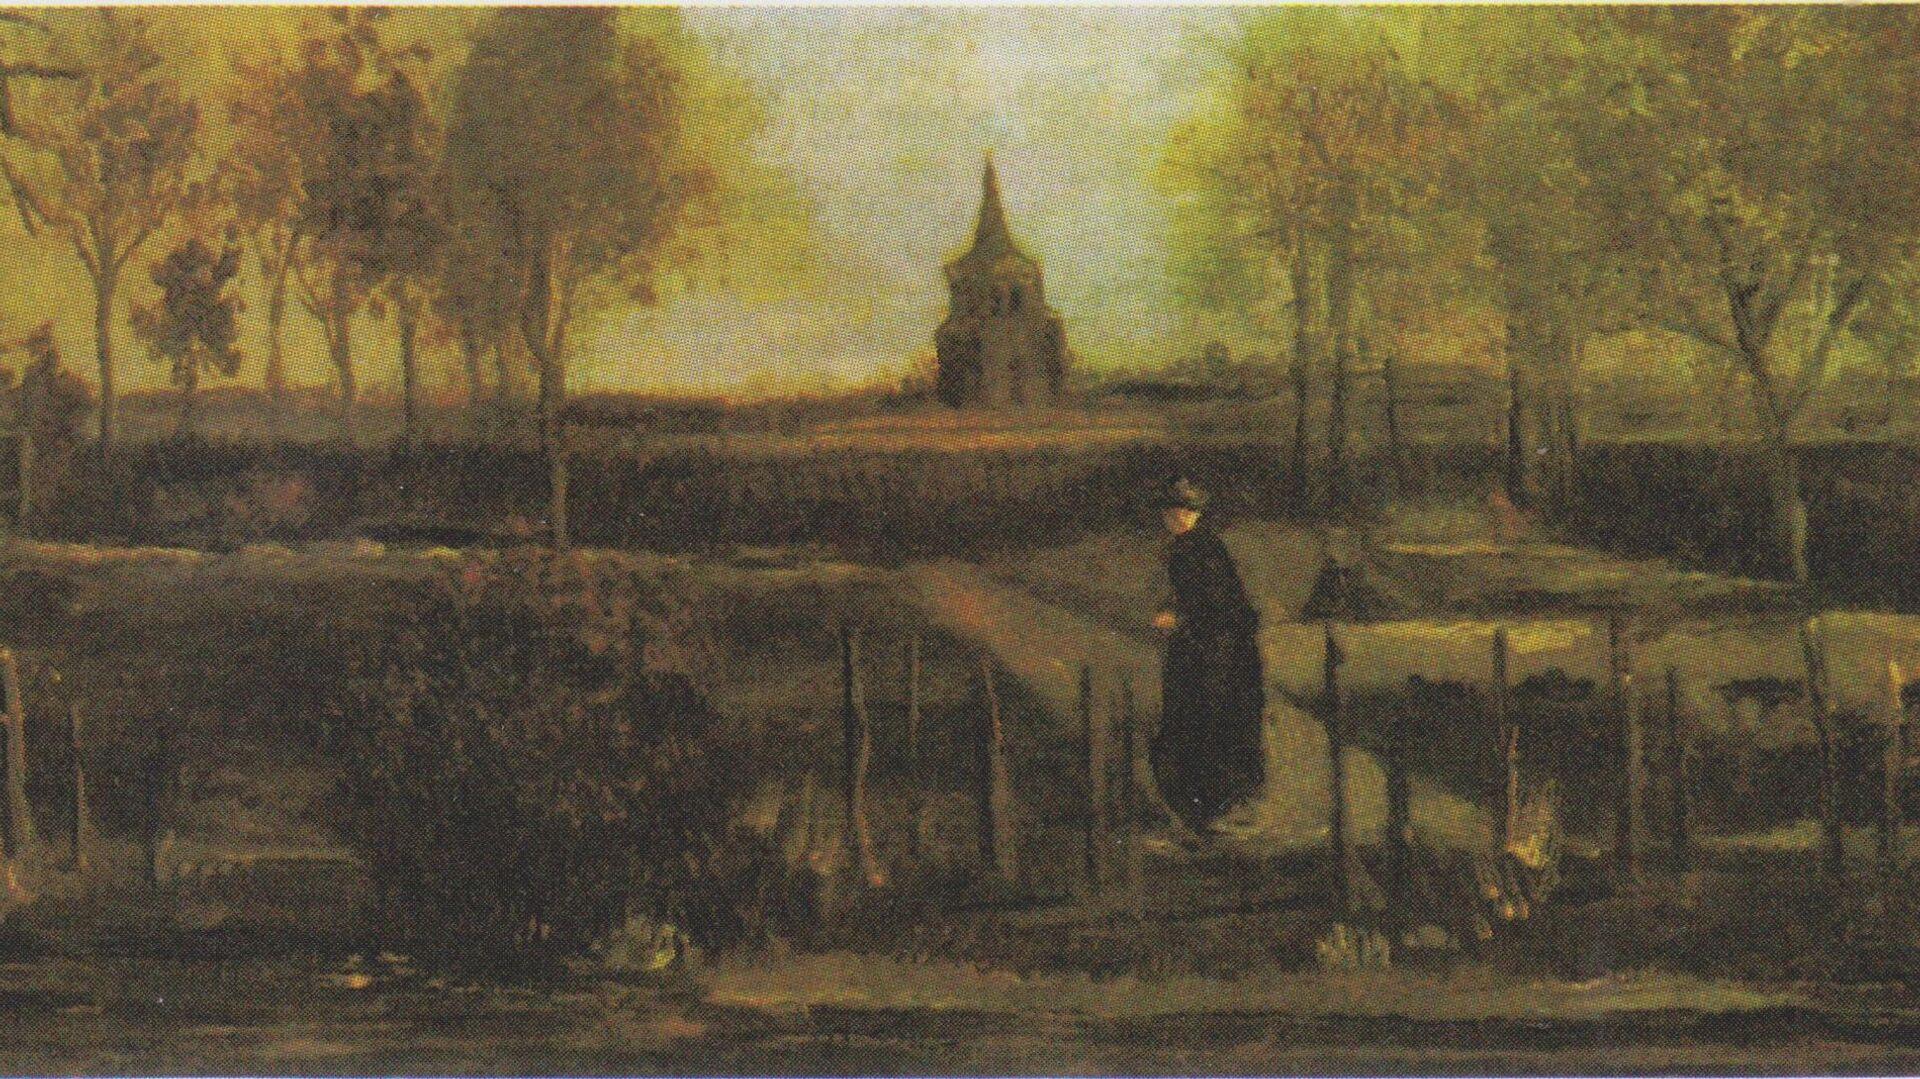 Der Pfarrgarten in Nuenen mit weiblicher Figur, Vincent Van Gogh - SNA, 1920, 24.09.2021